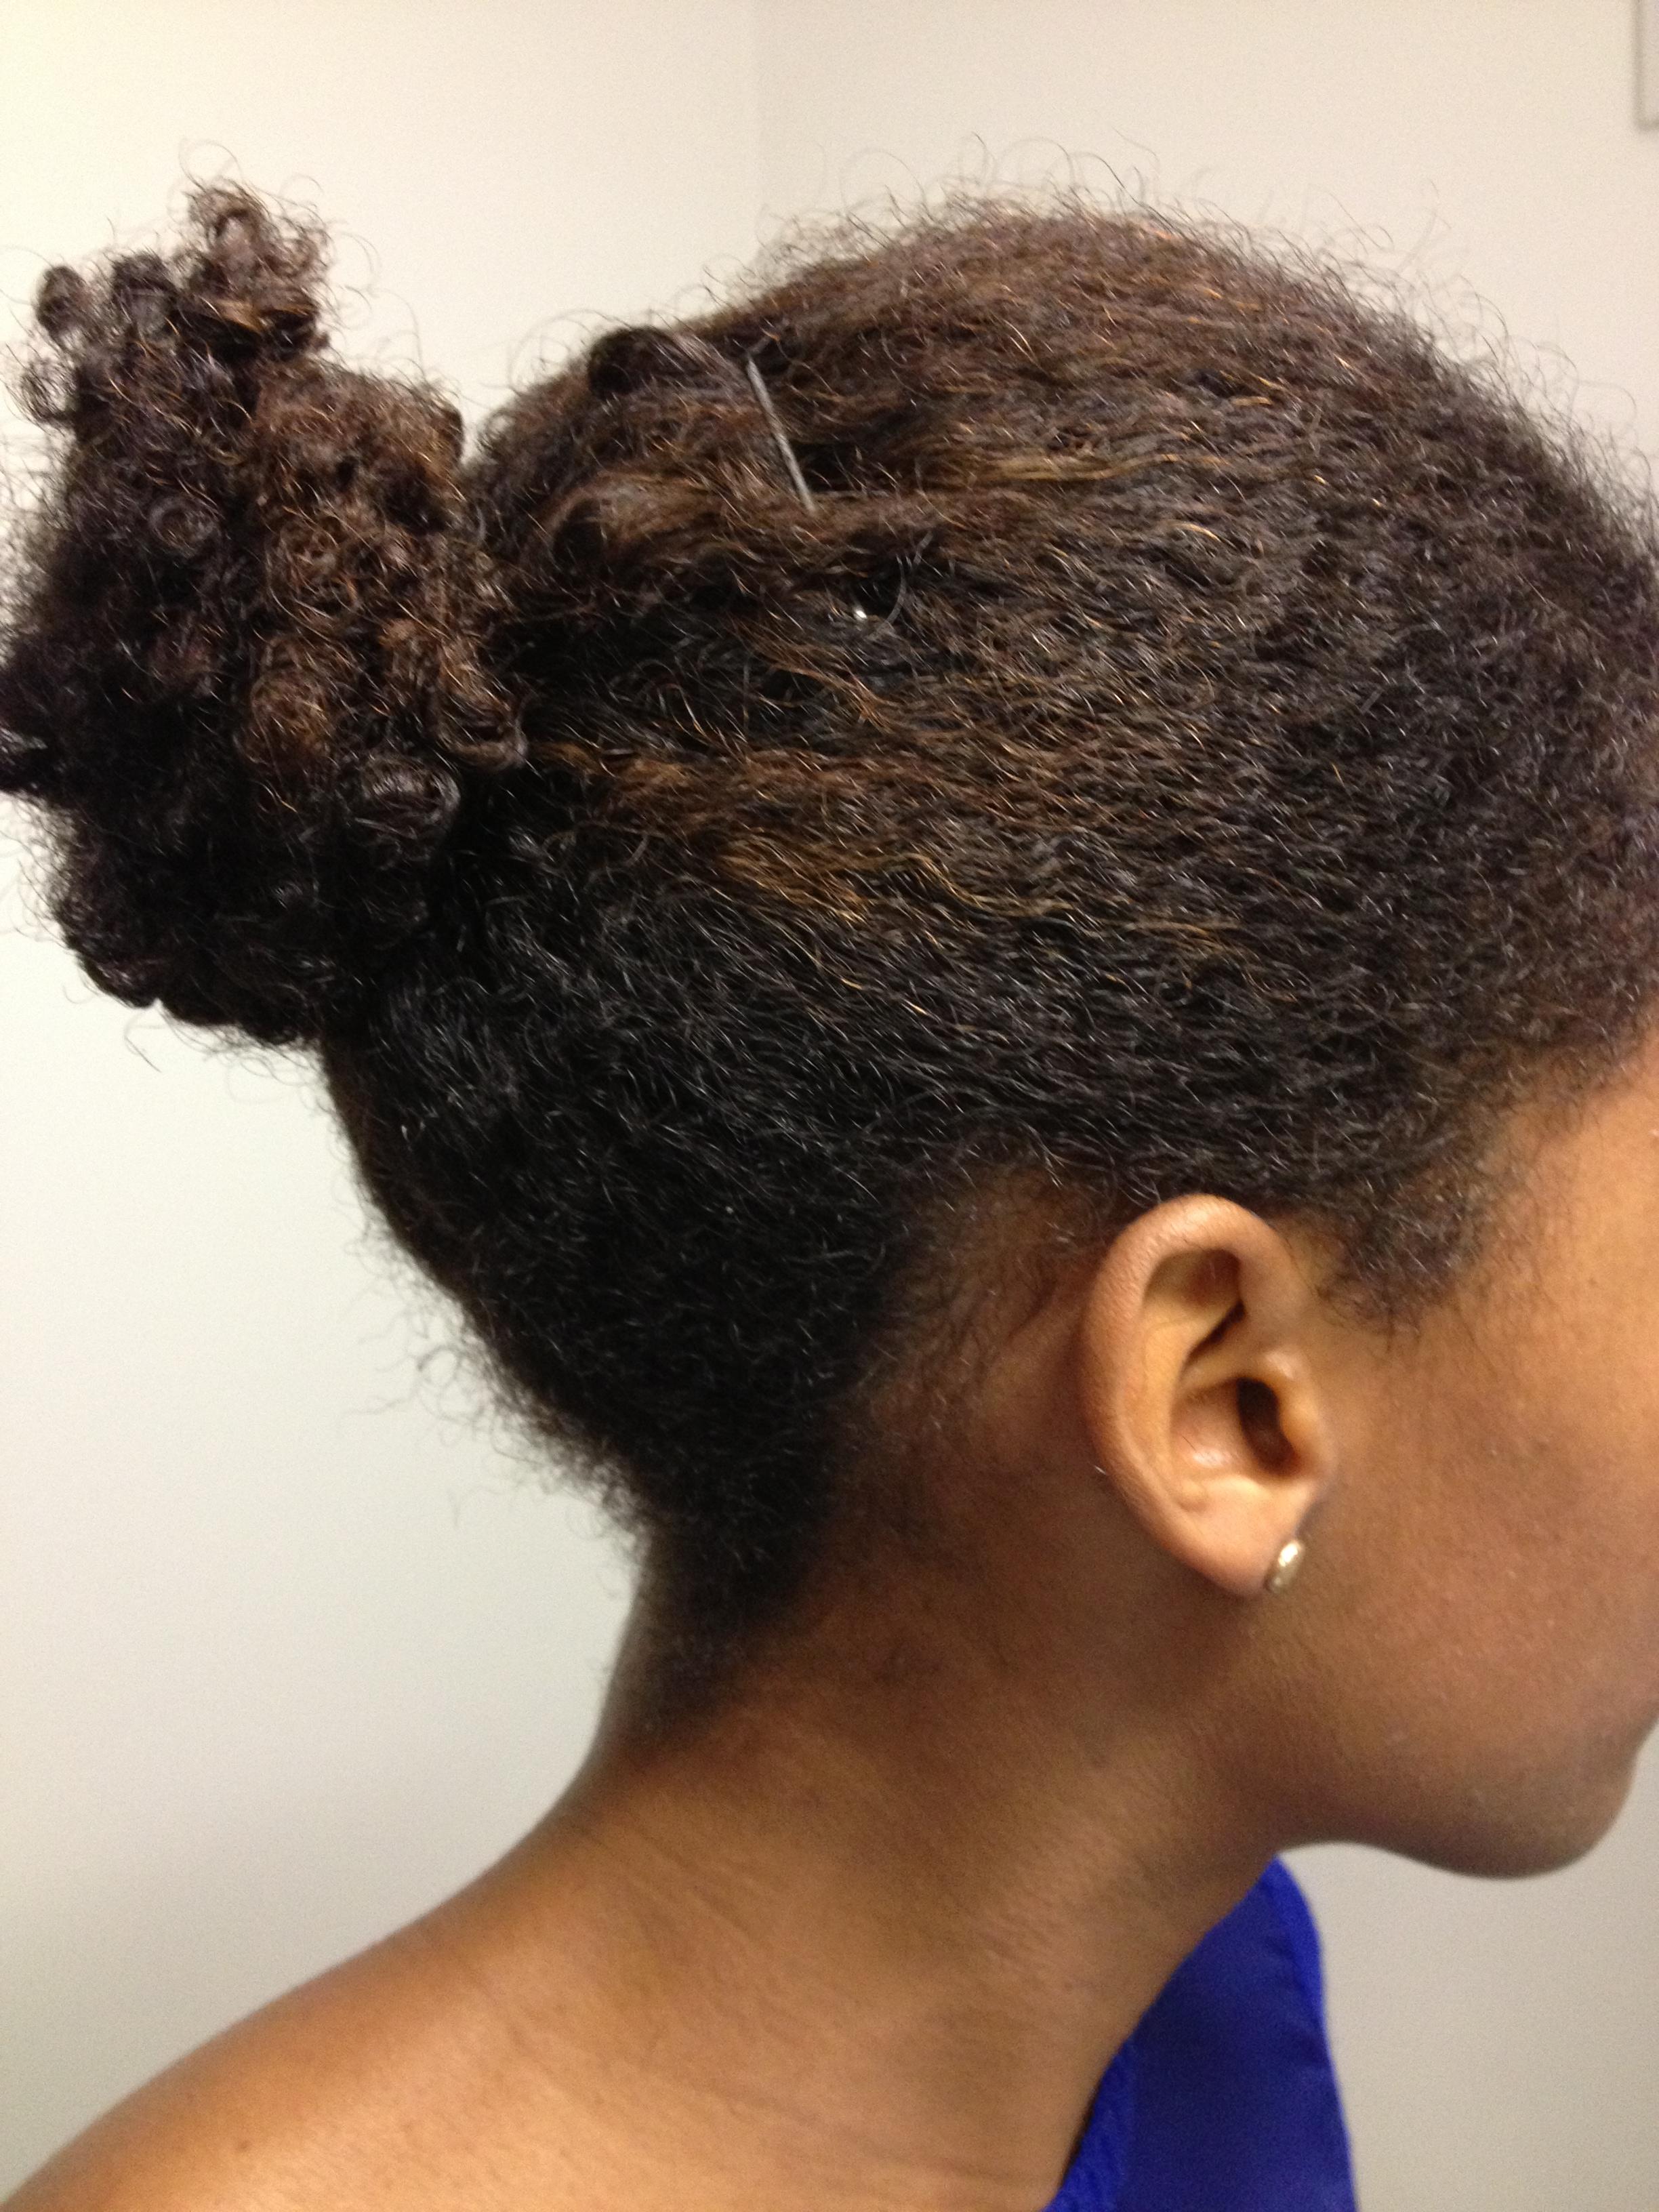 Lo Pos BFF Rhassoul Clay Mud Wash Low Porosity Hair Care